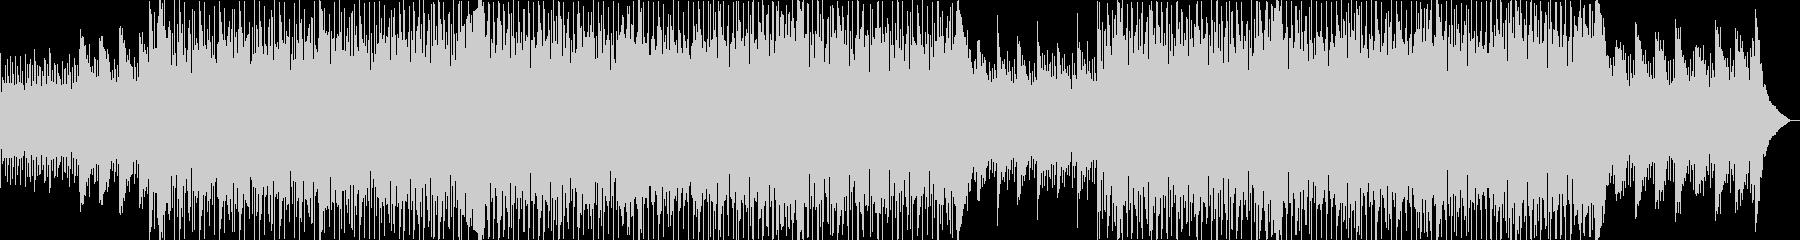 ギターのハーモニクス、シンセサイザ...の未再生の波形